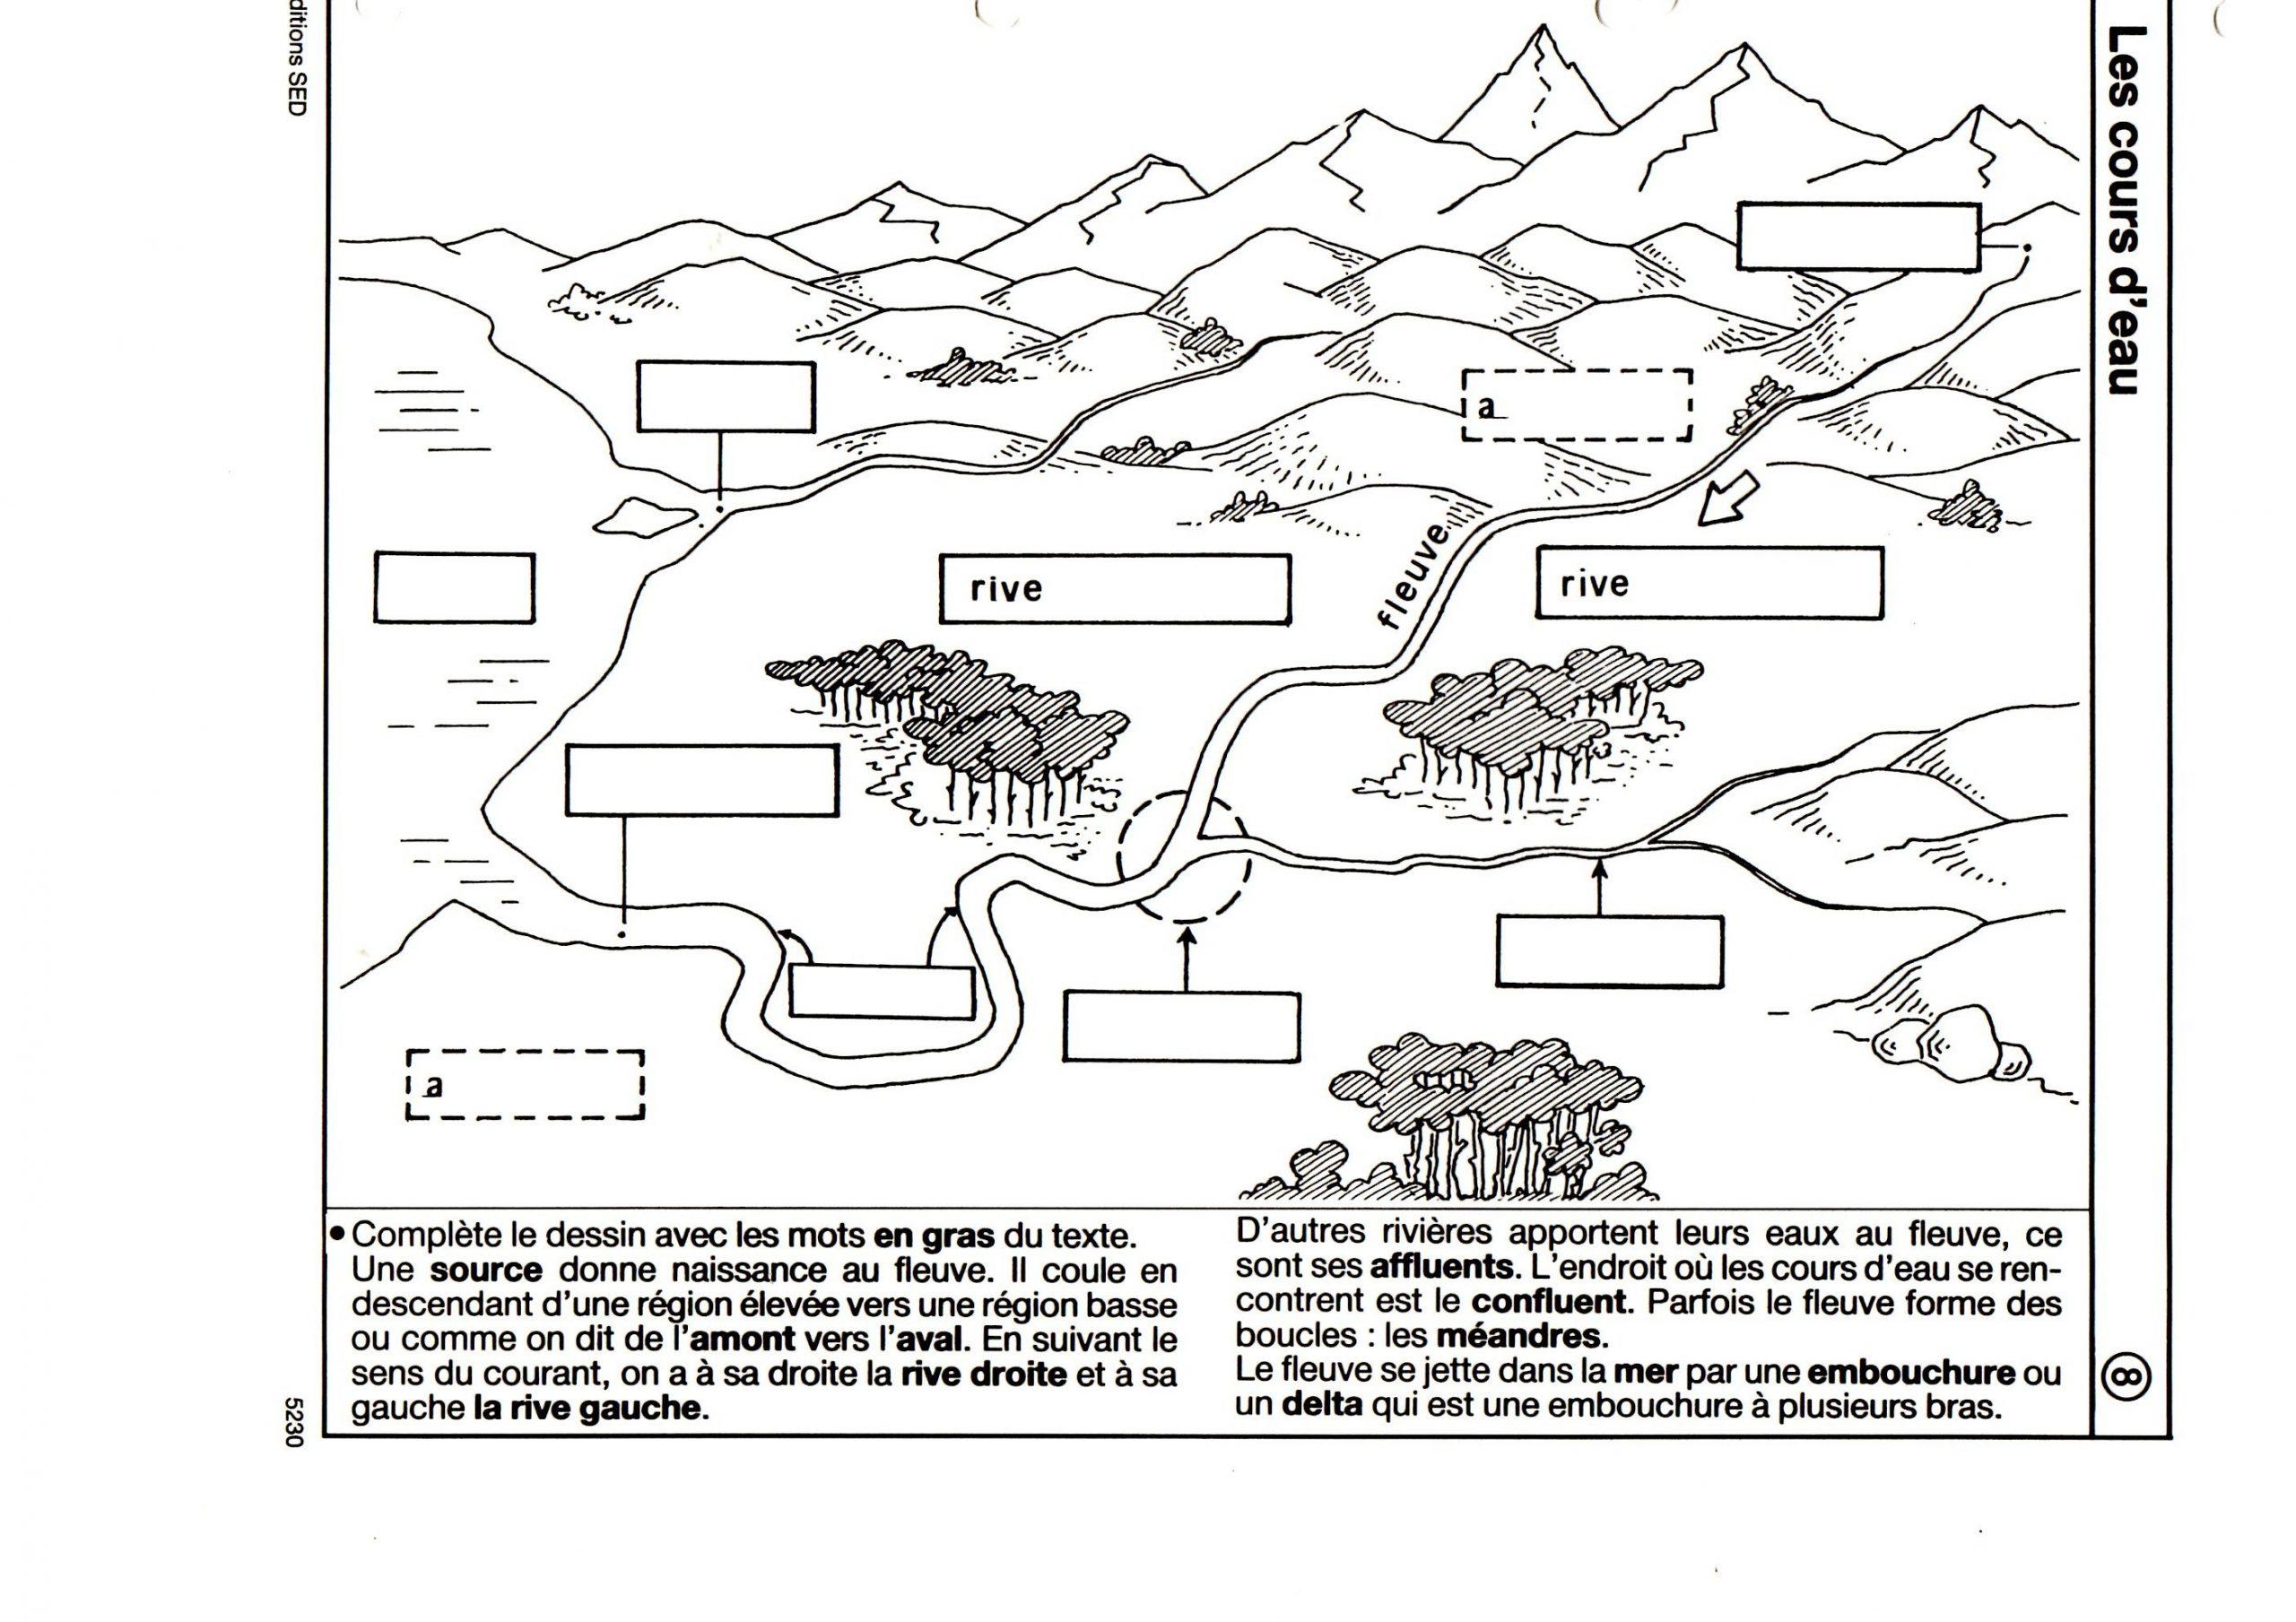 Ddm - Espace: Rivières Et Fleuves - Tata Nananou encequiconcerne Fleuves Ce2